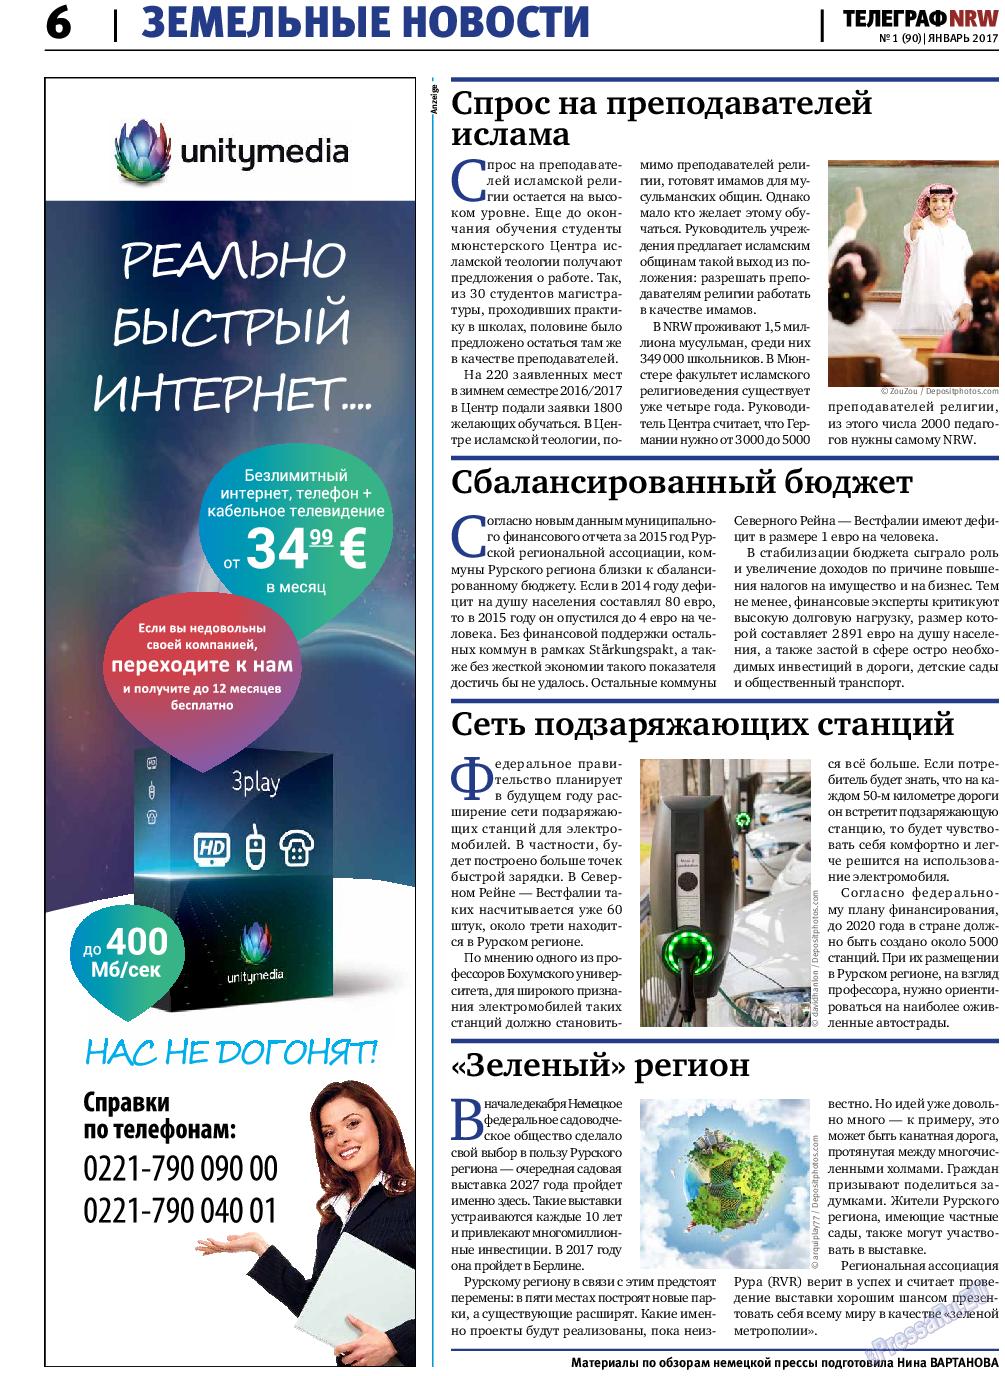 Реклама сайта в журнале wordpress реклама от гугл